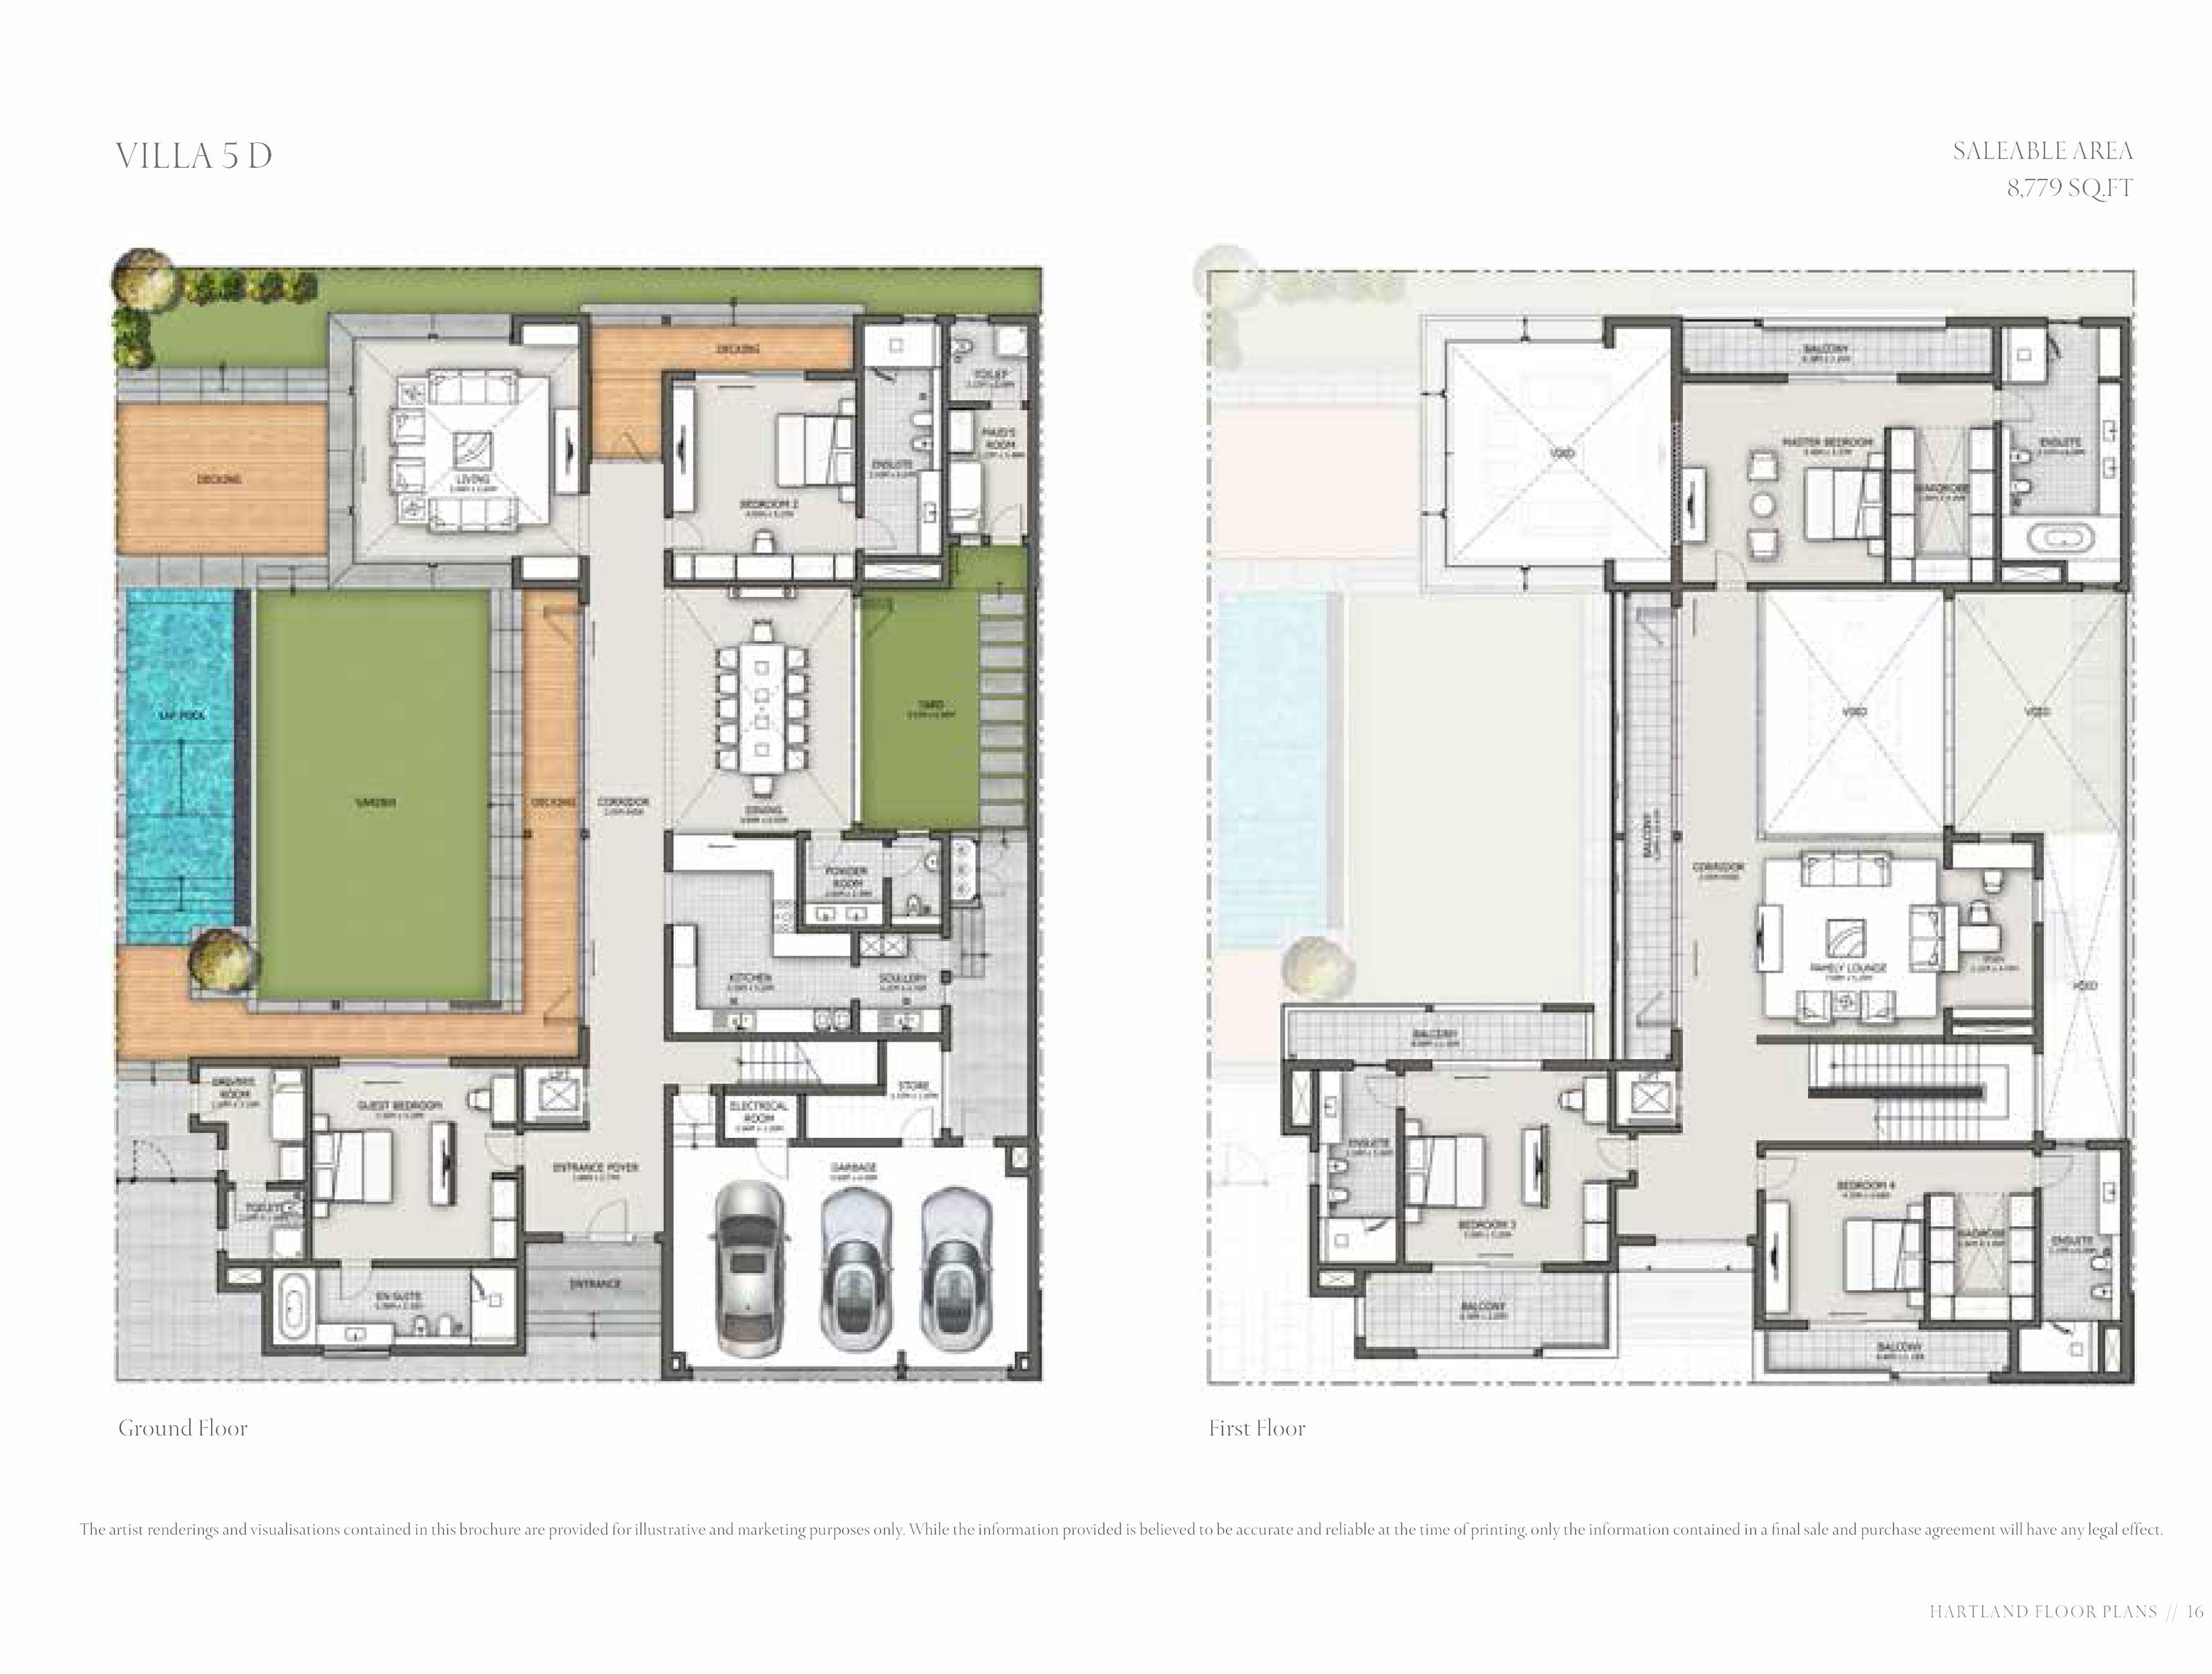 Villas-5D-Area-8779